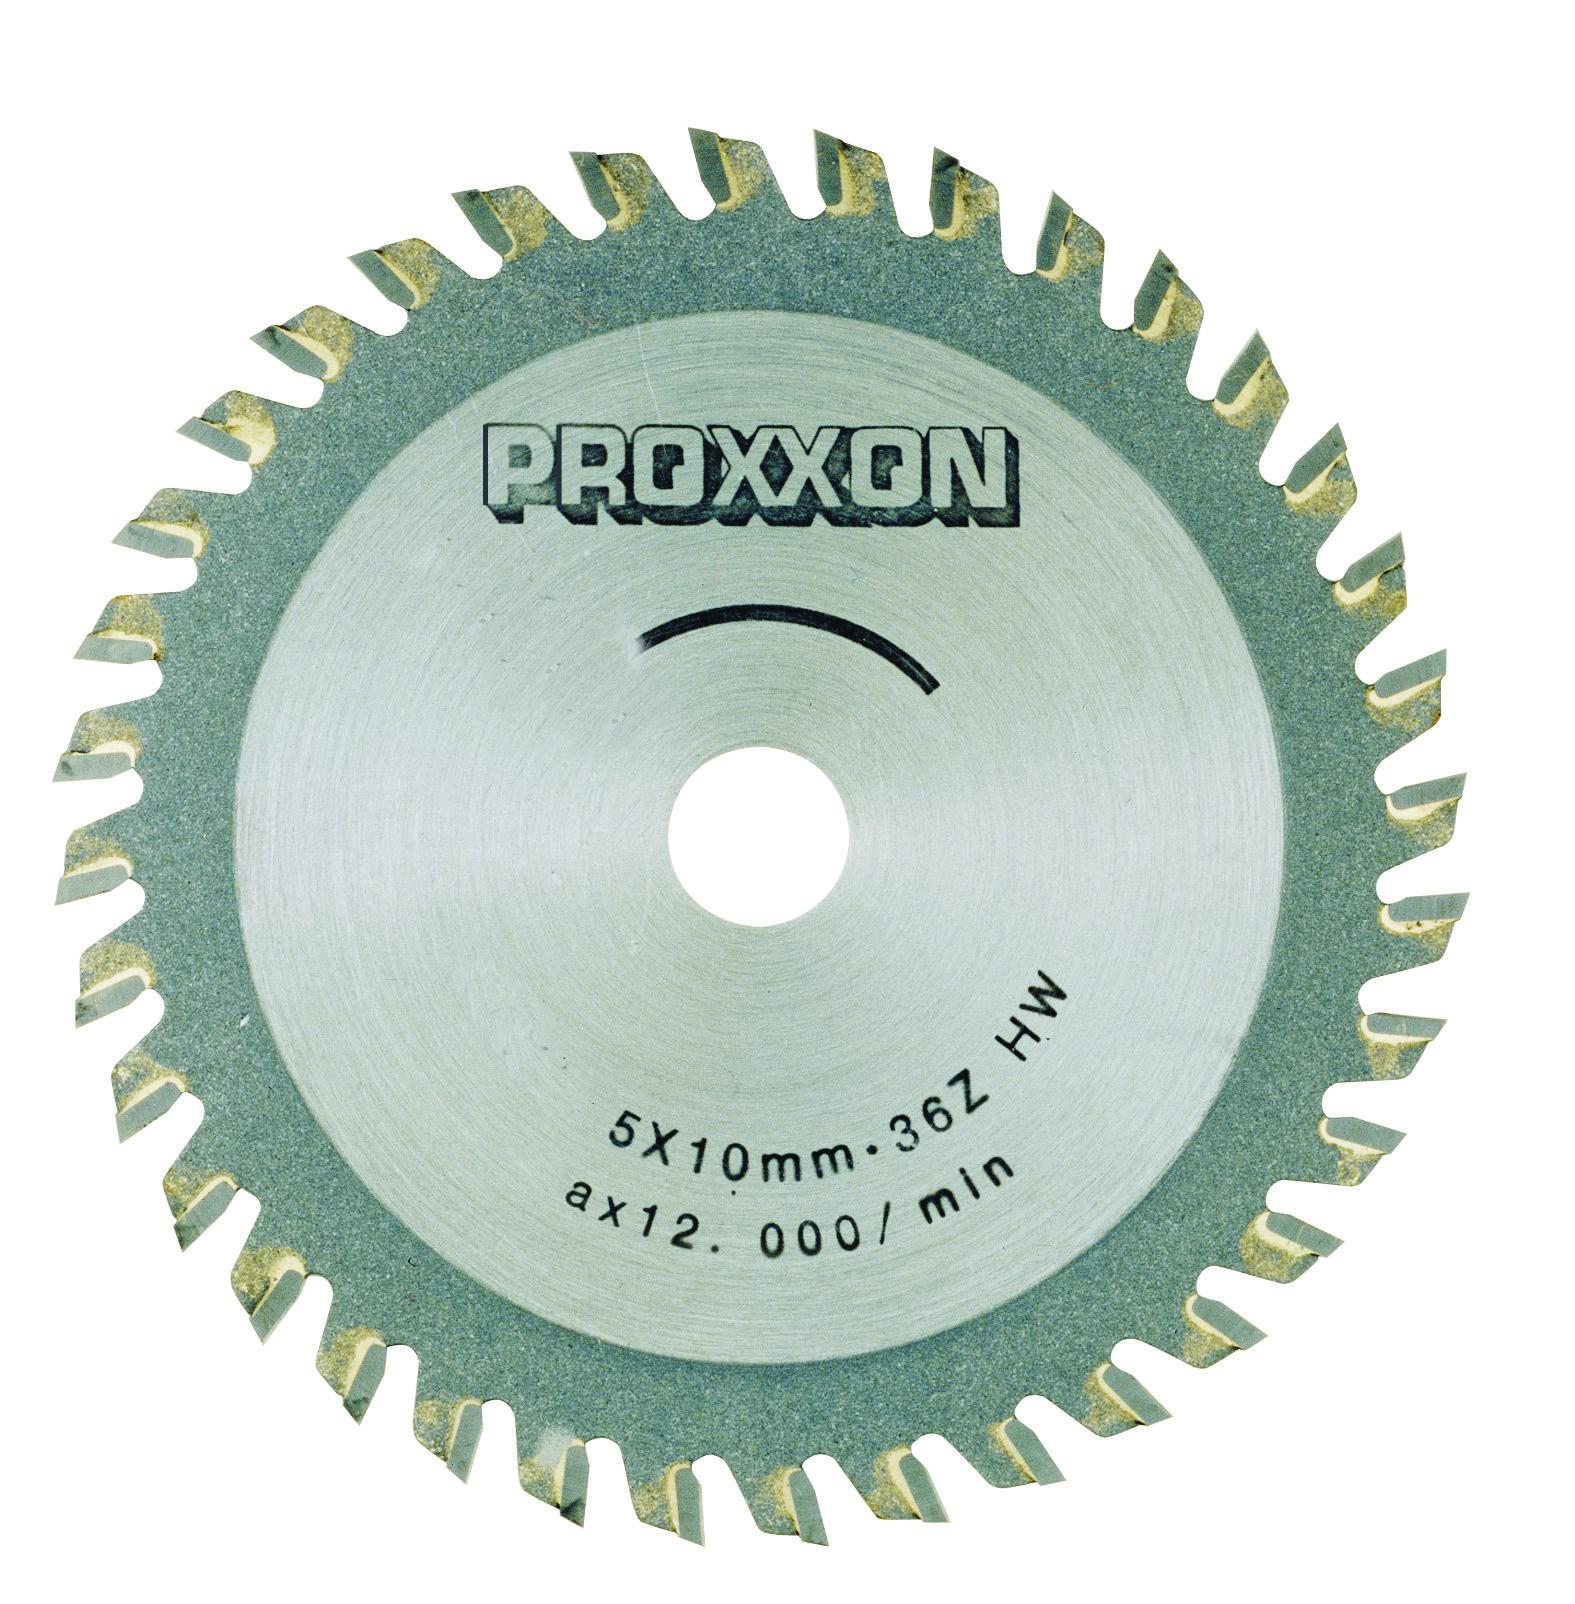 diamantiert 50 mm Proxxon Kreissägeblatt 28012